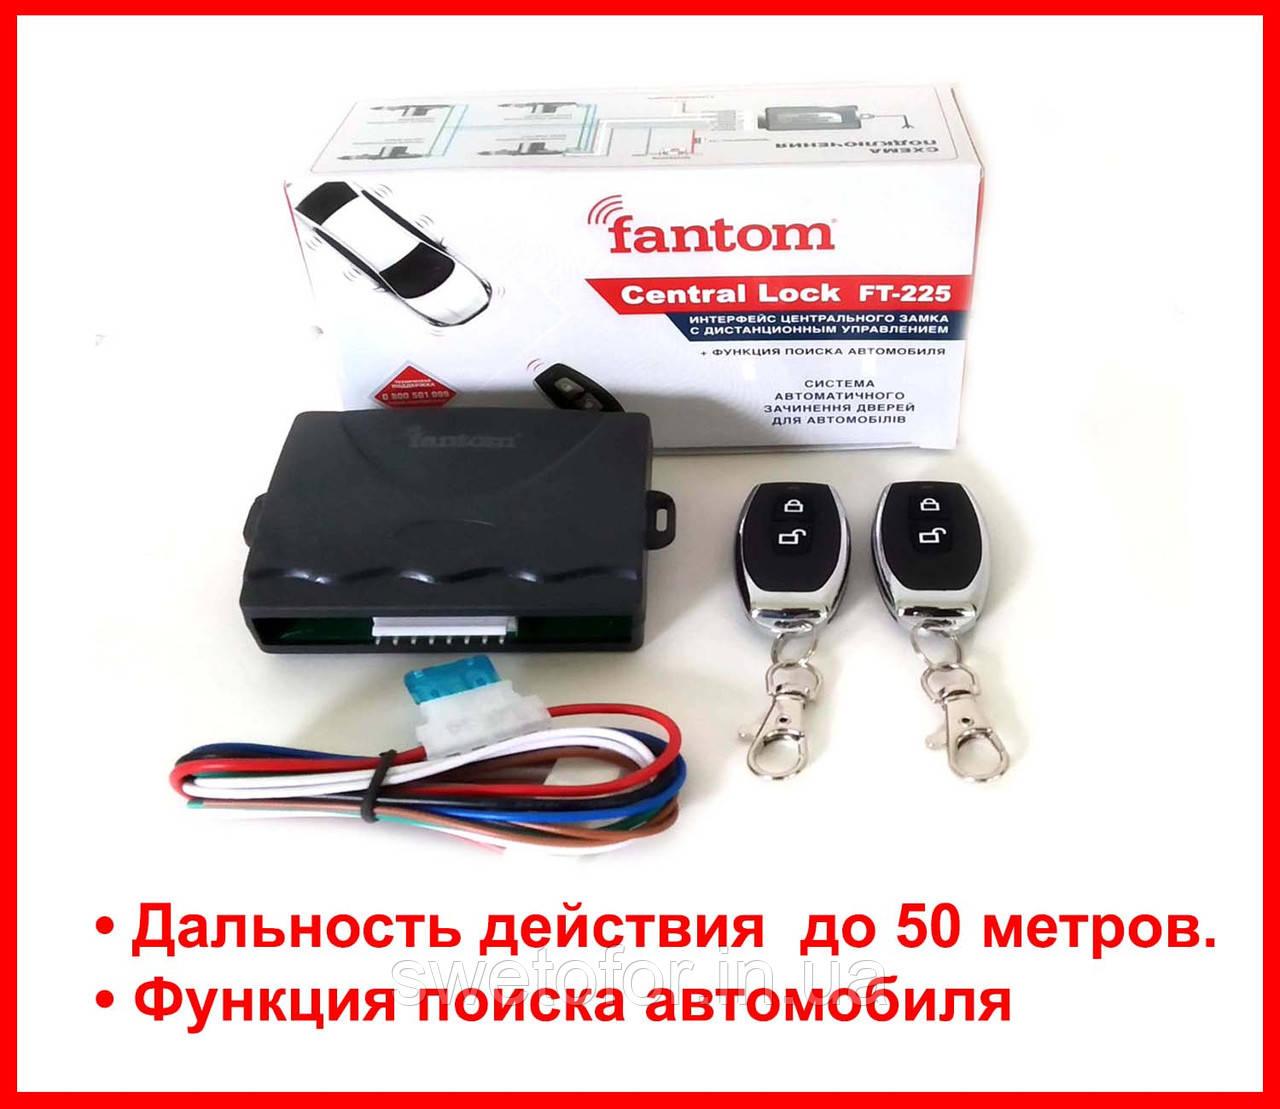 Інтерфейс управління центральним замком з пультом дистанційного управління Fantom FT-225